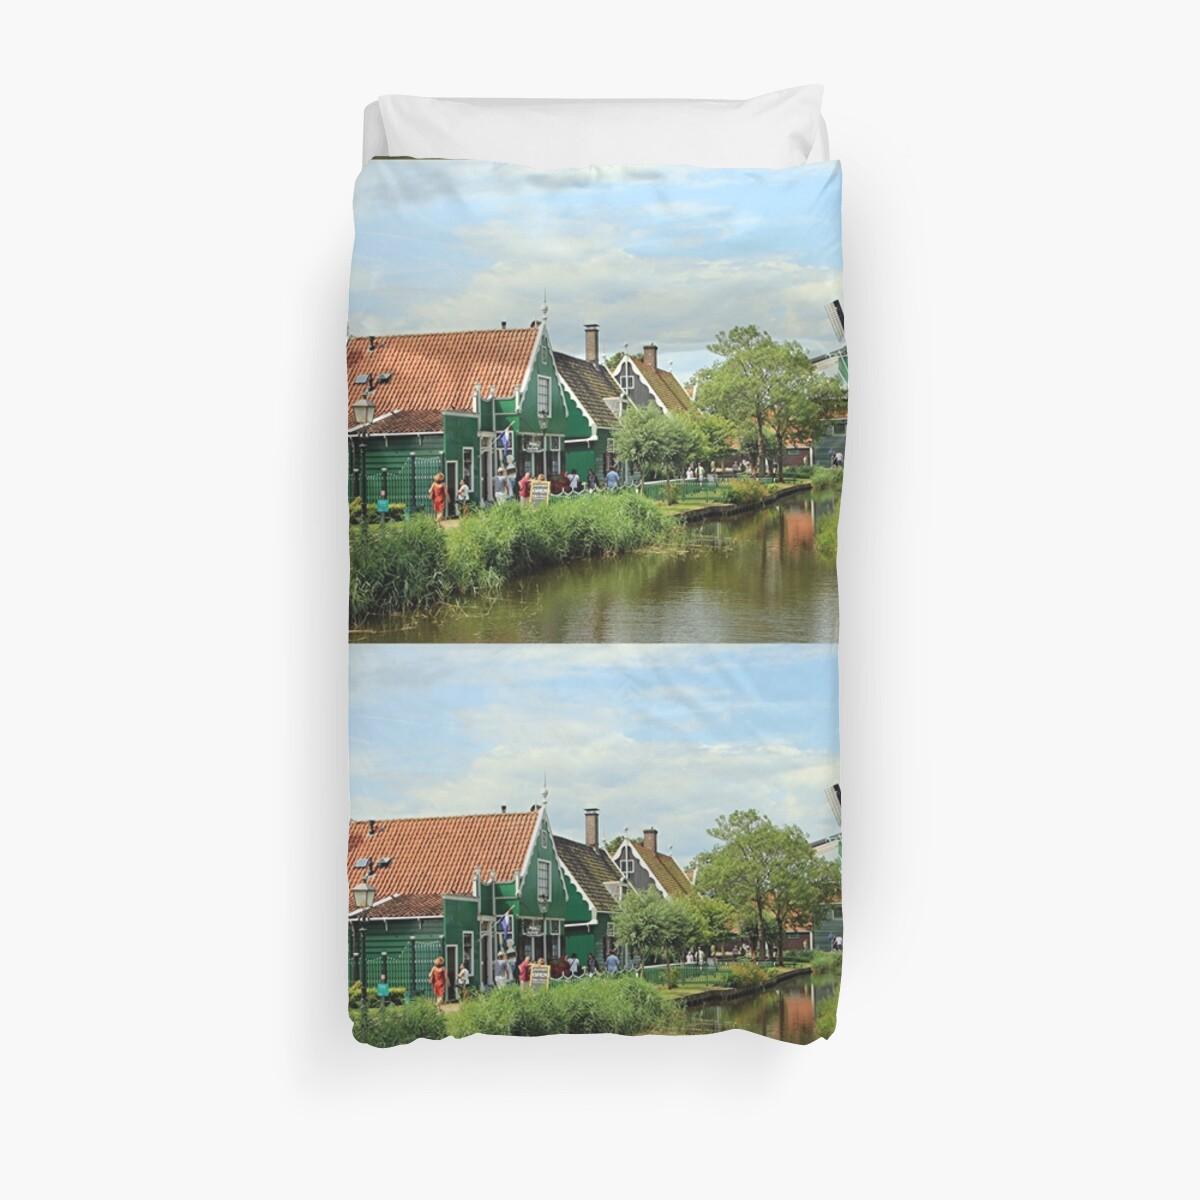 Dutch windmill village, Holland by FranWest